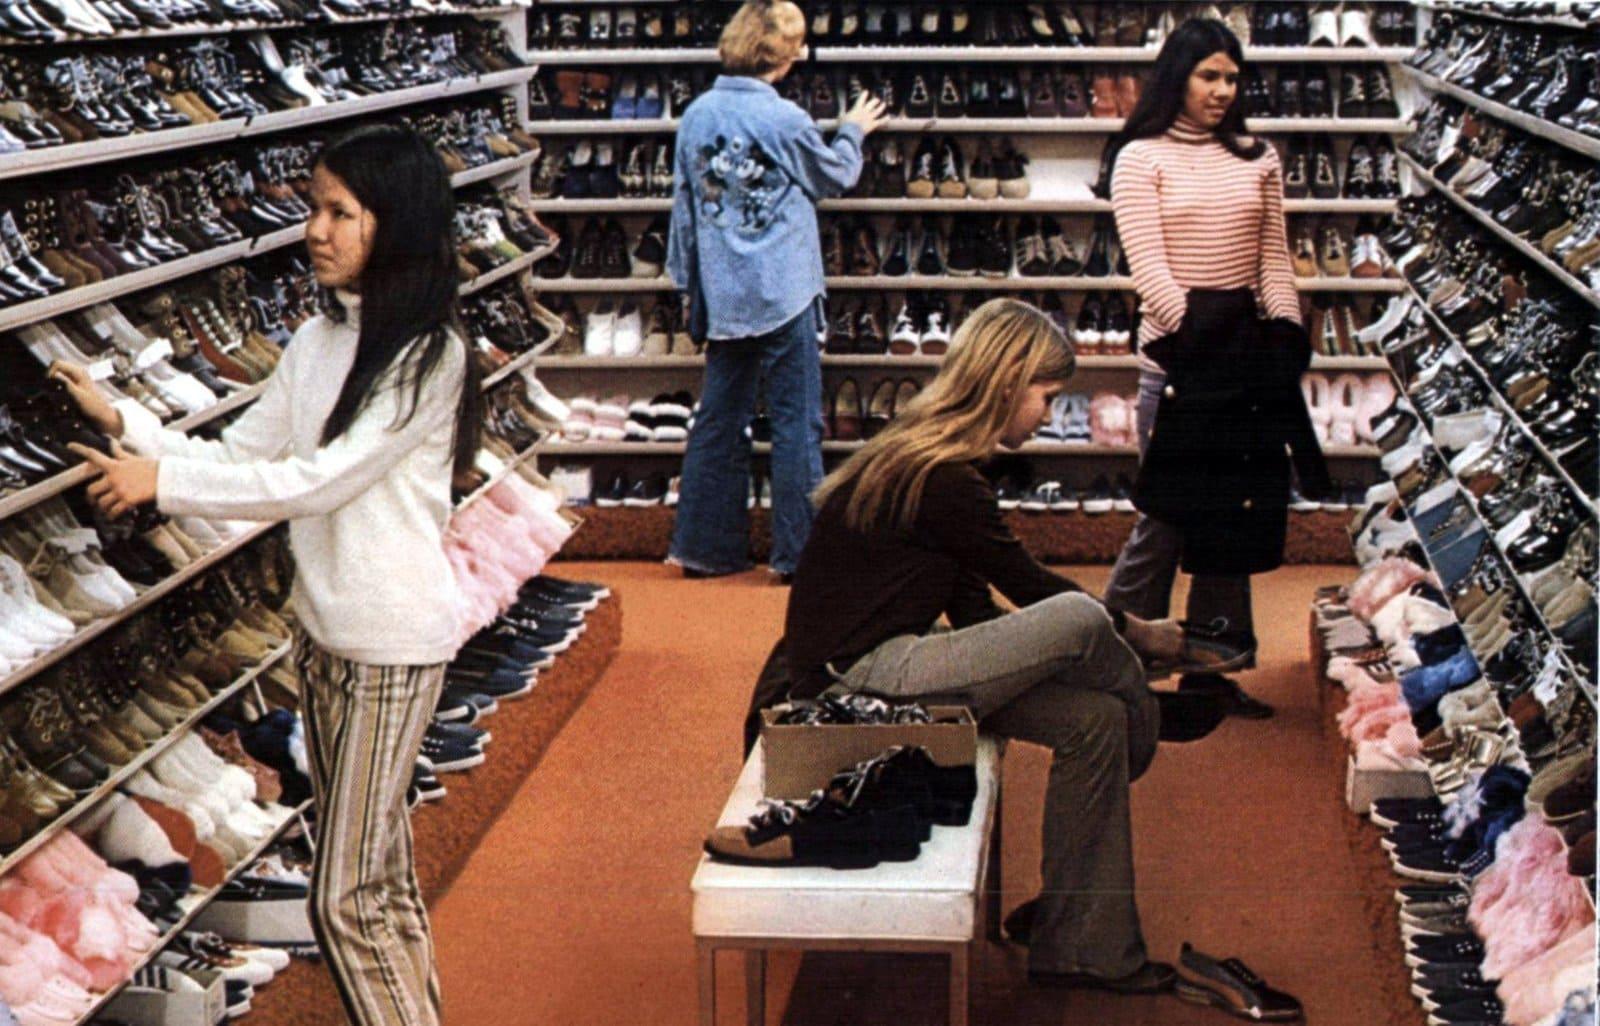 Bargain shoe shopping in 1971